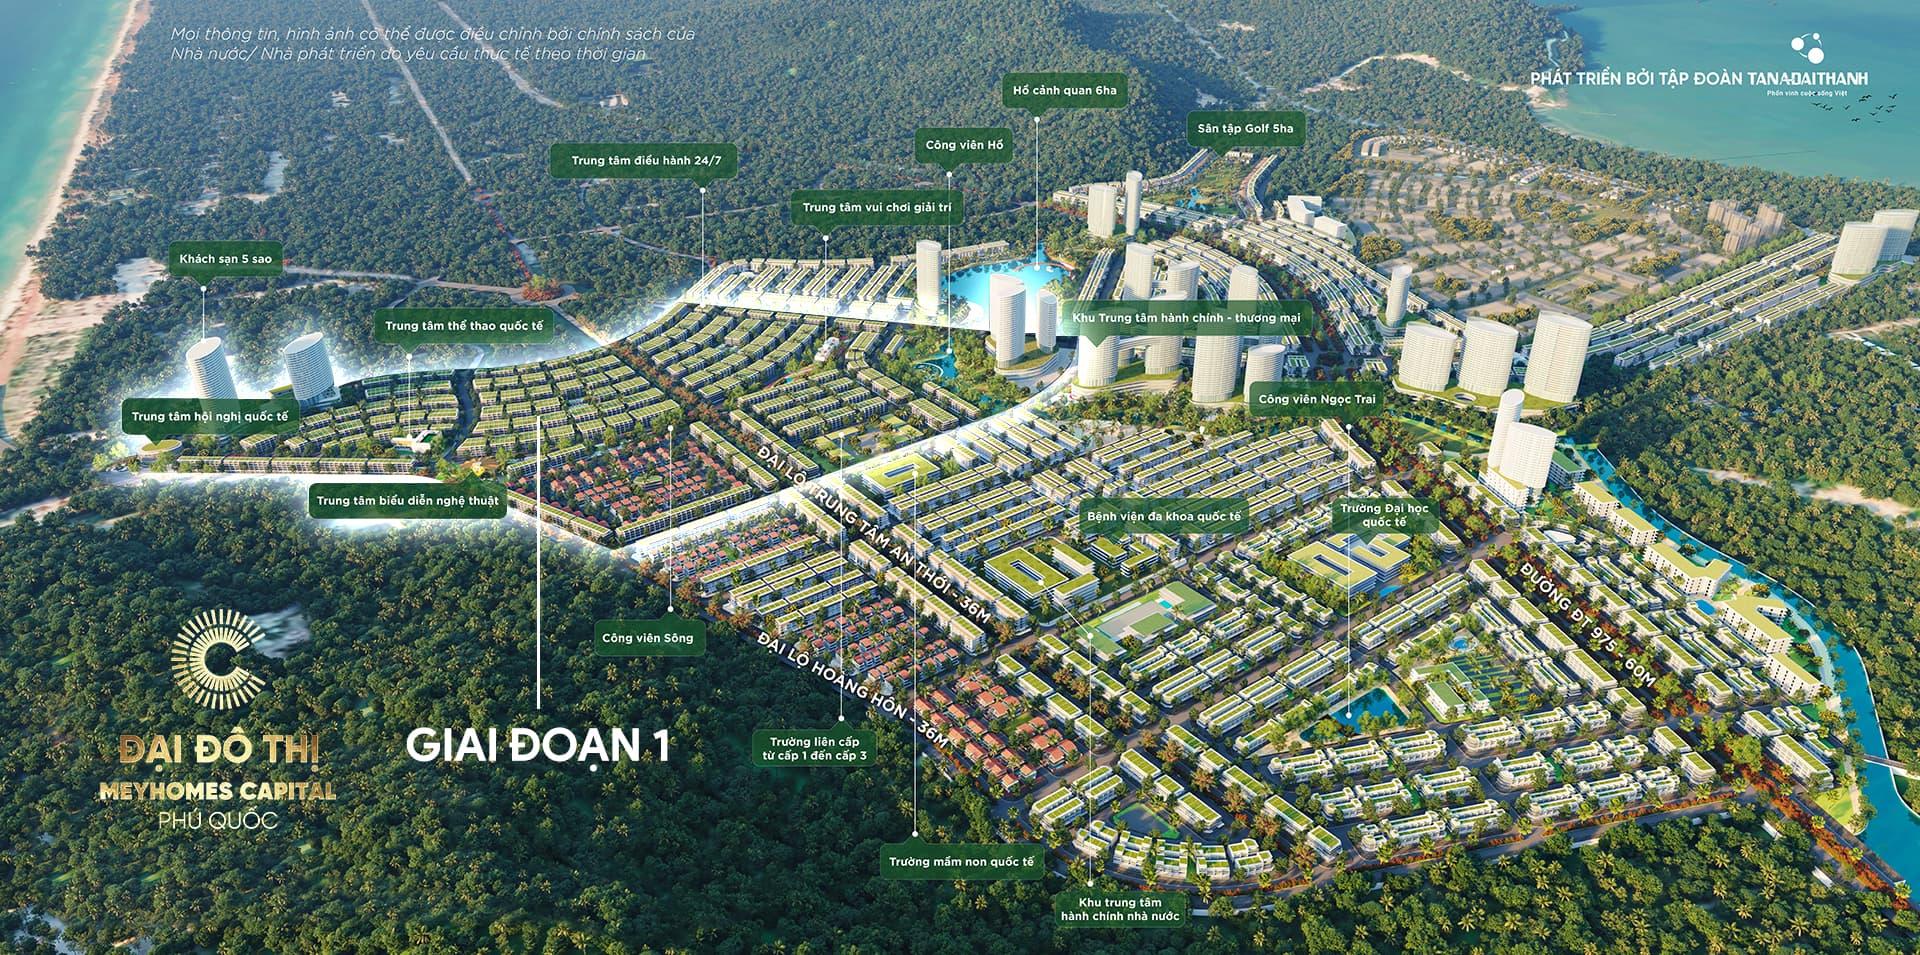 Phối cảnh tổng thể đại đô thị Meyhomes Capital Phú Quốc